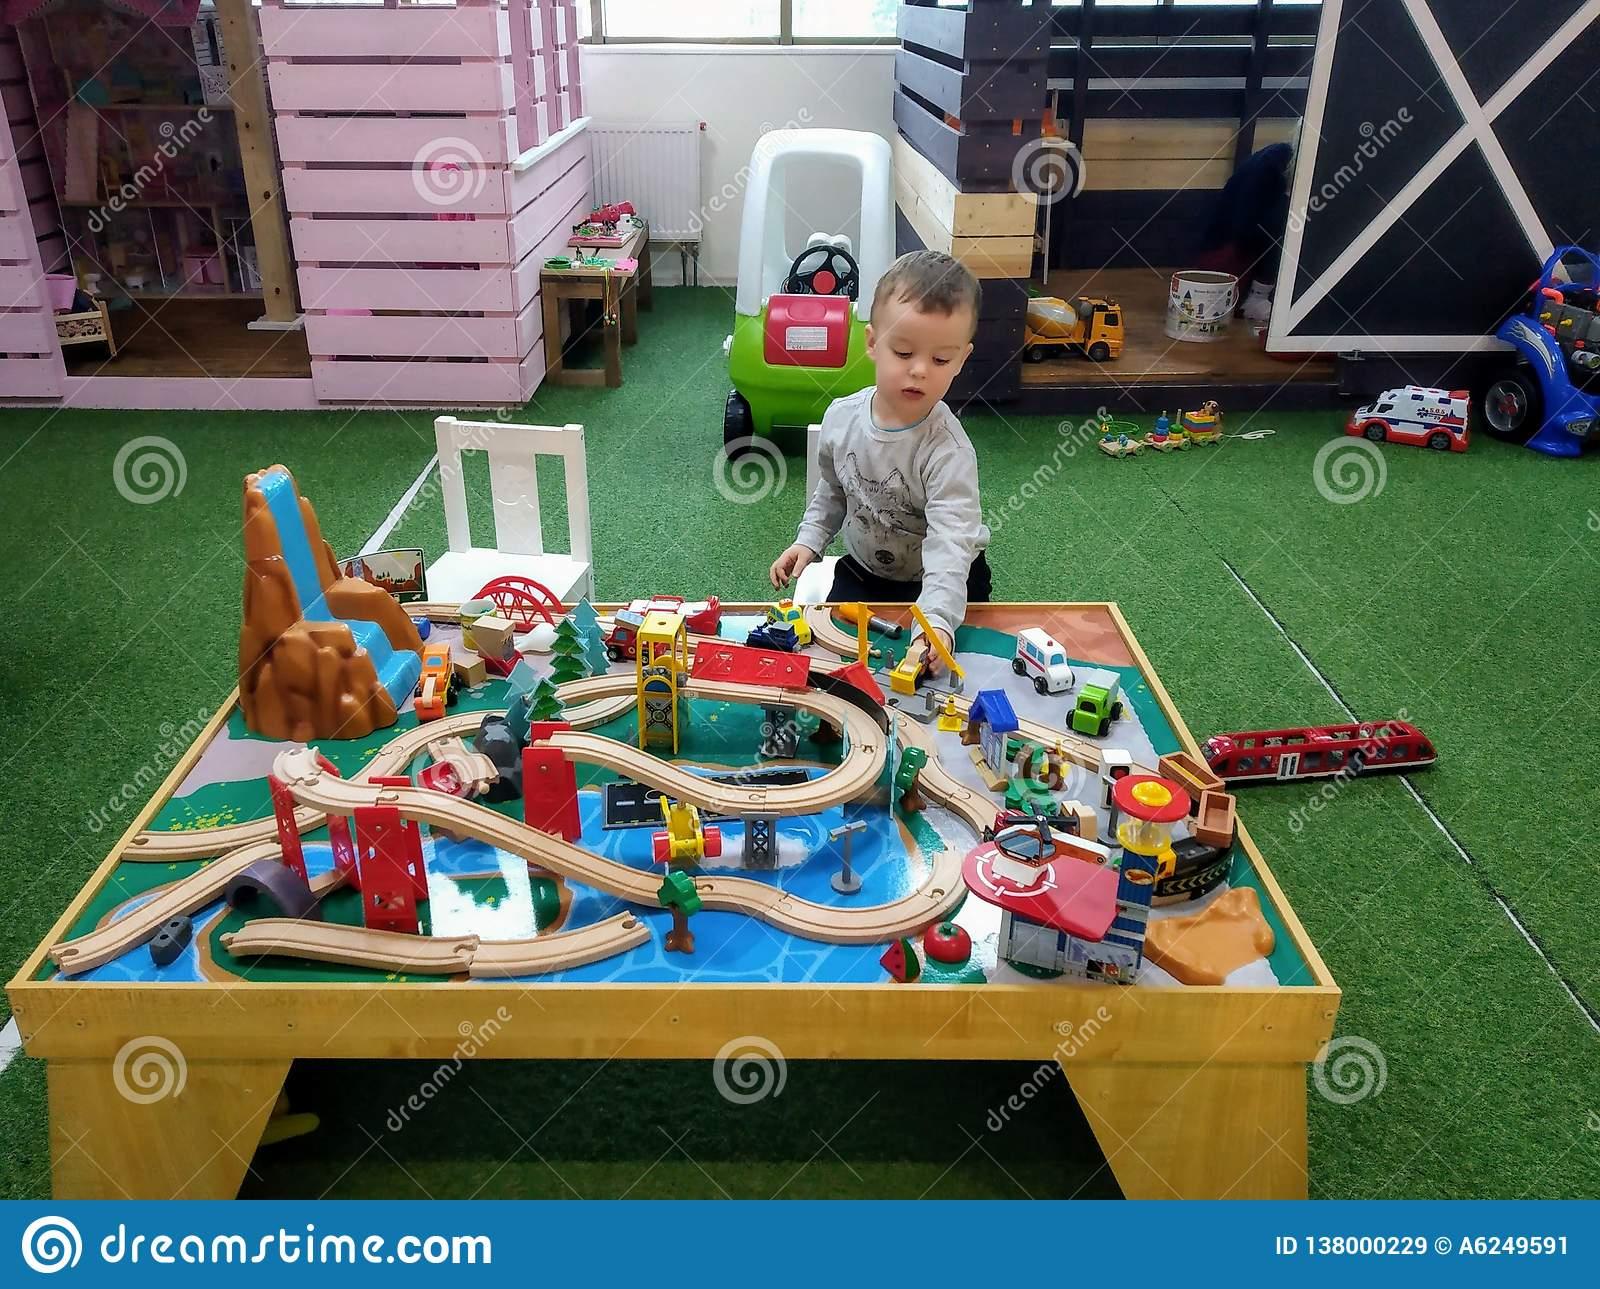 Le Garçon À L'âge De 3 Ans De Jeux Avec Le Chemin De Fer Des concernant Jeux Enfant De 3 Ans